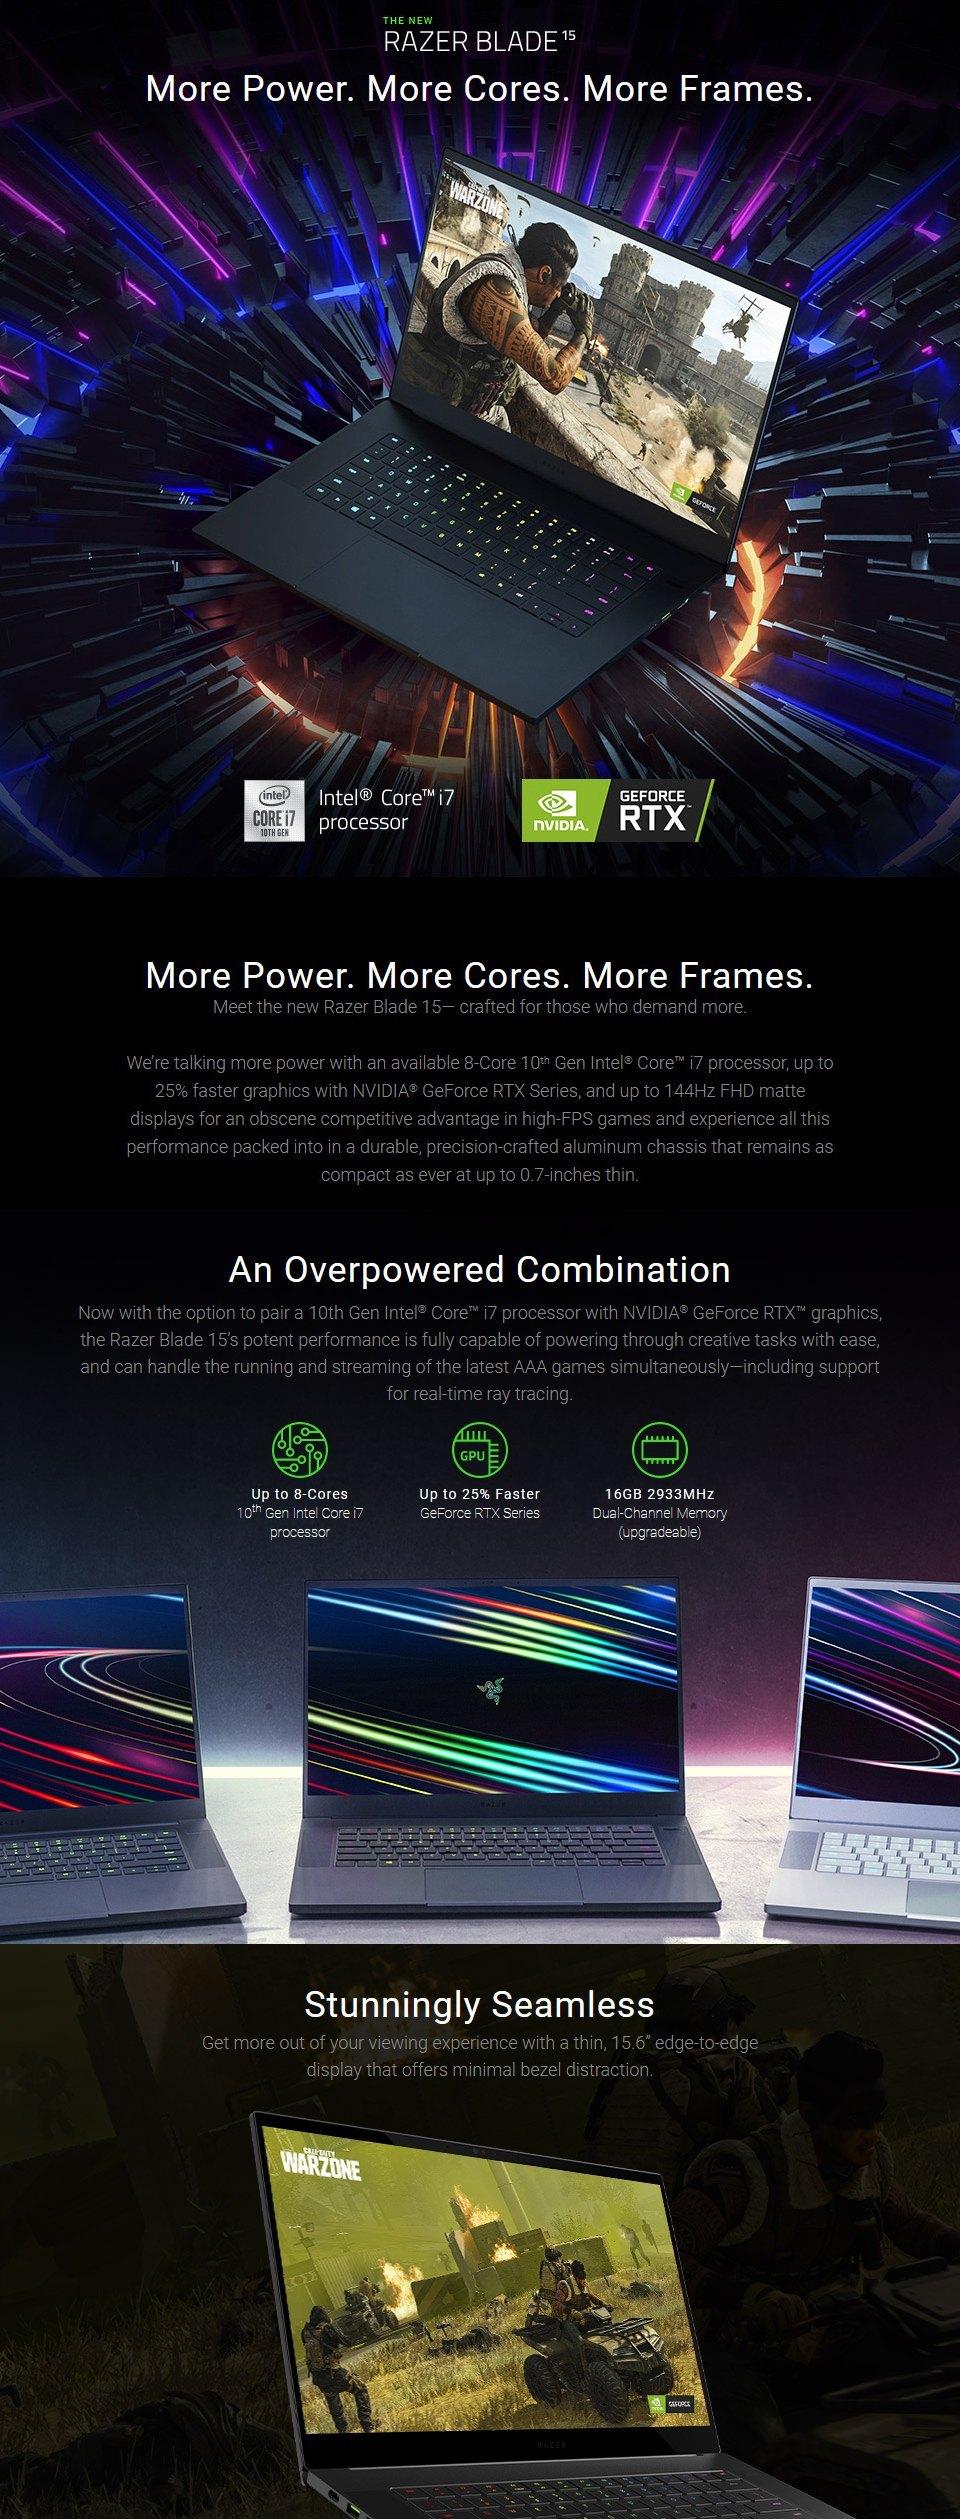 Razer Blade Core i7 RTX 2070 Super 15.6in Laptop [03304E42] features